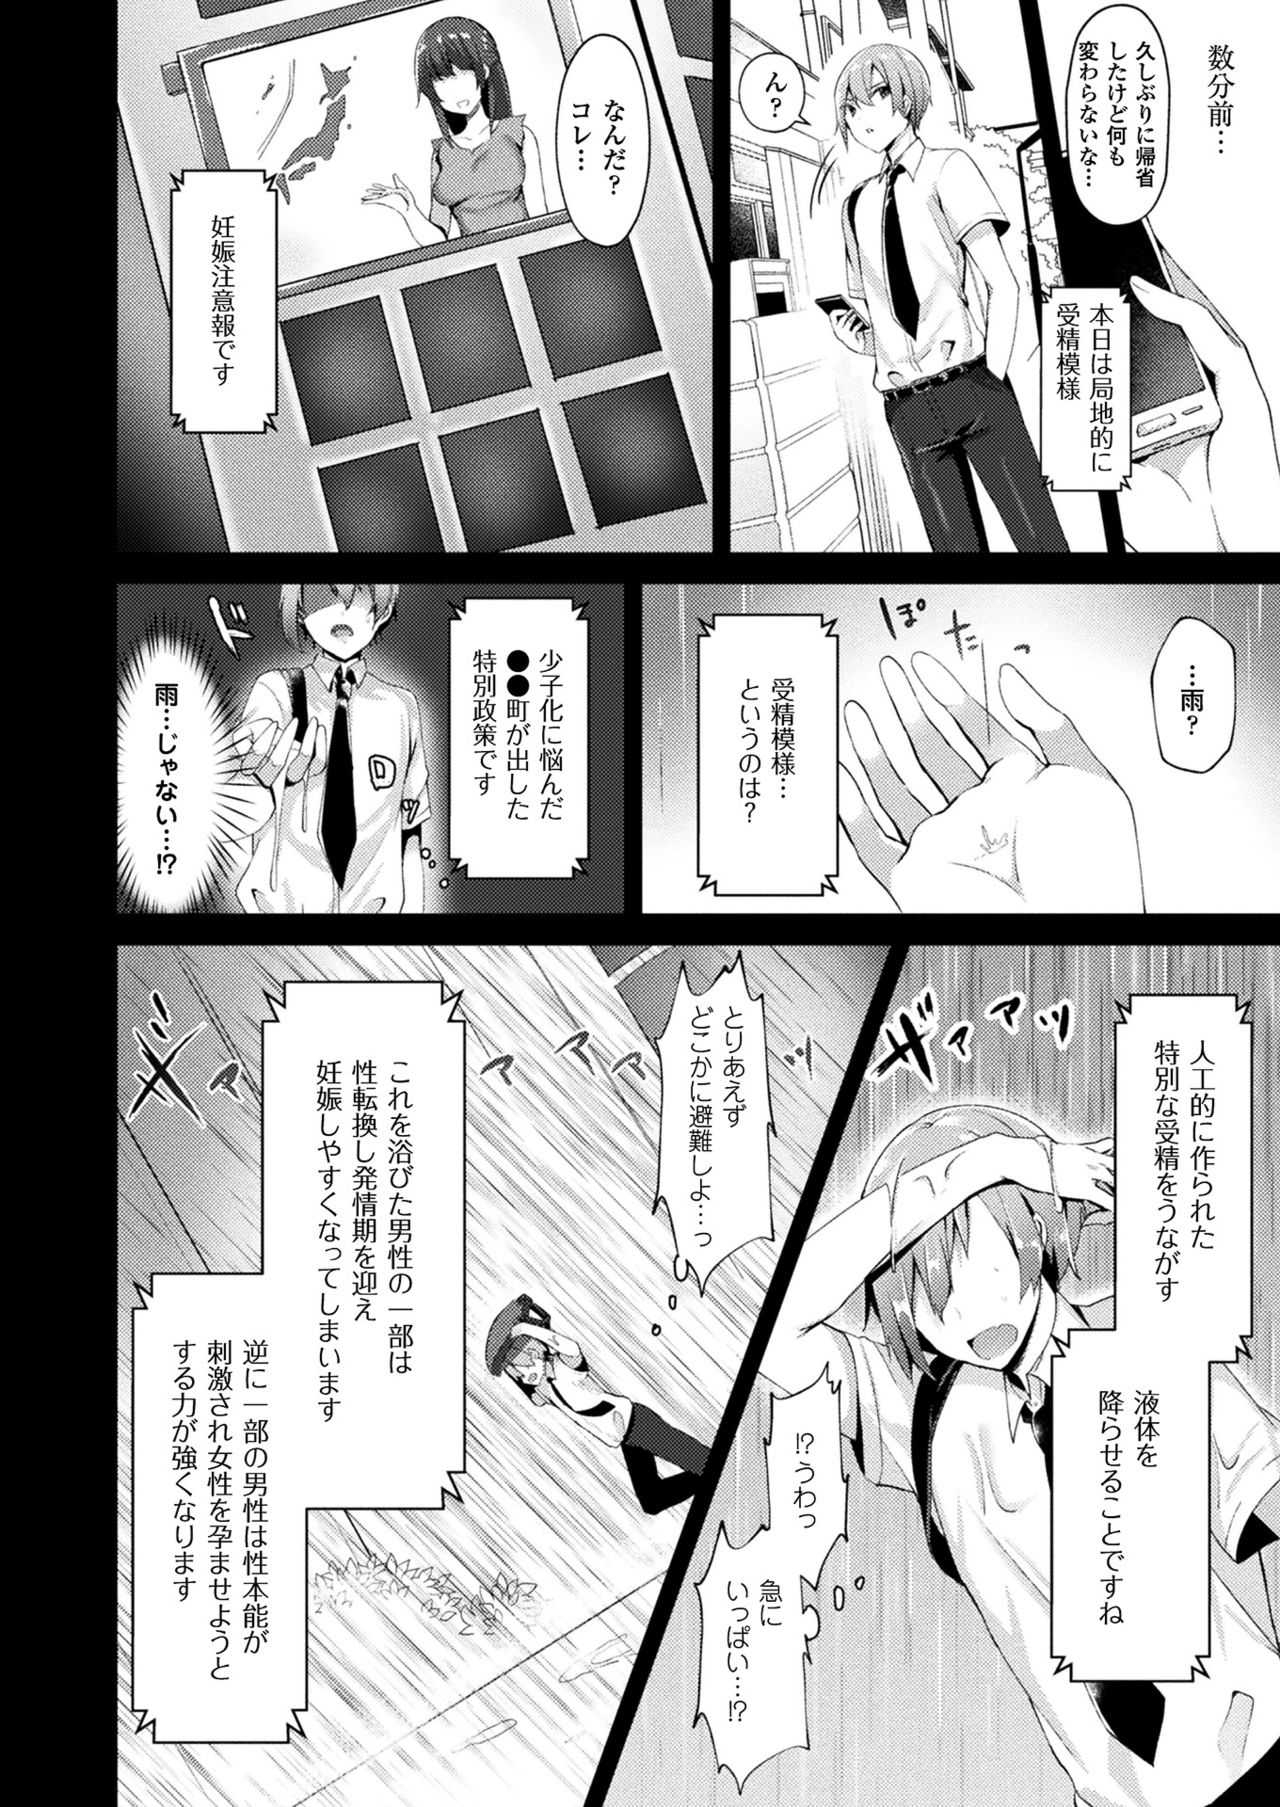 【エロ漫画】性転換する雨で女体化してしまった少年…発情状態の男に無理矢理組み敷かれ強制子作りwww【さこふ:妊娠注意報】